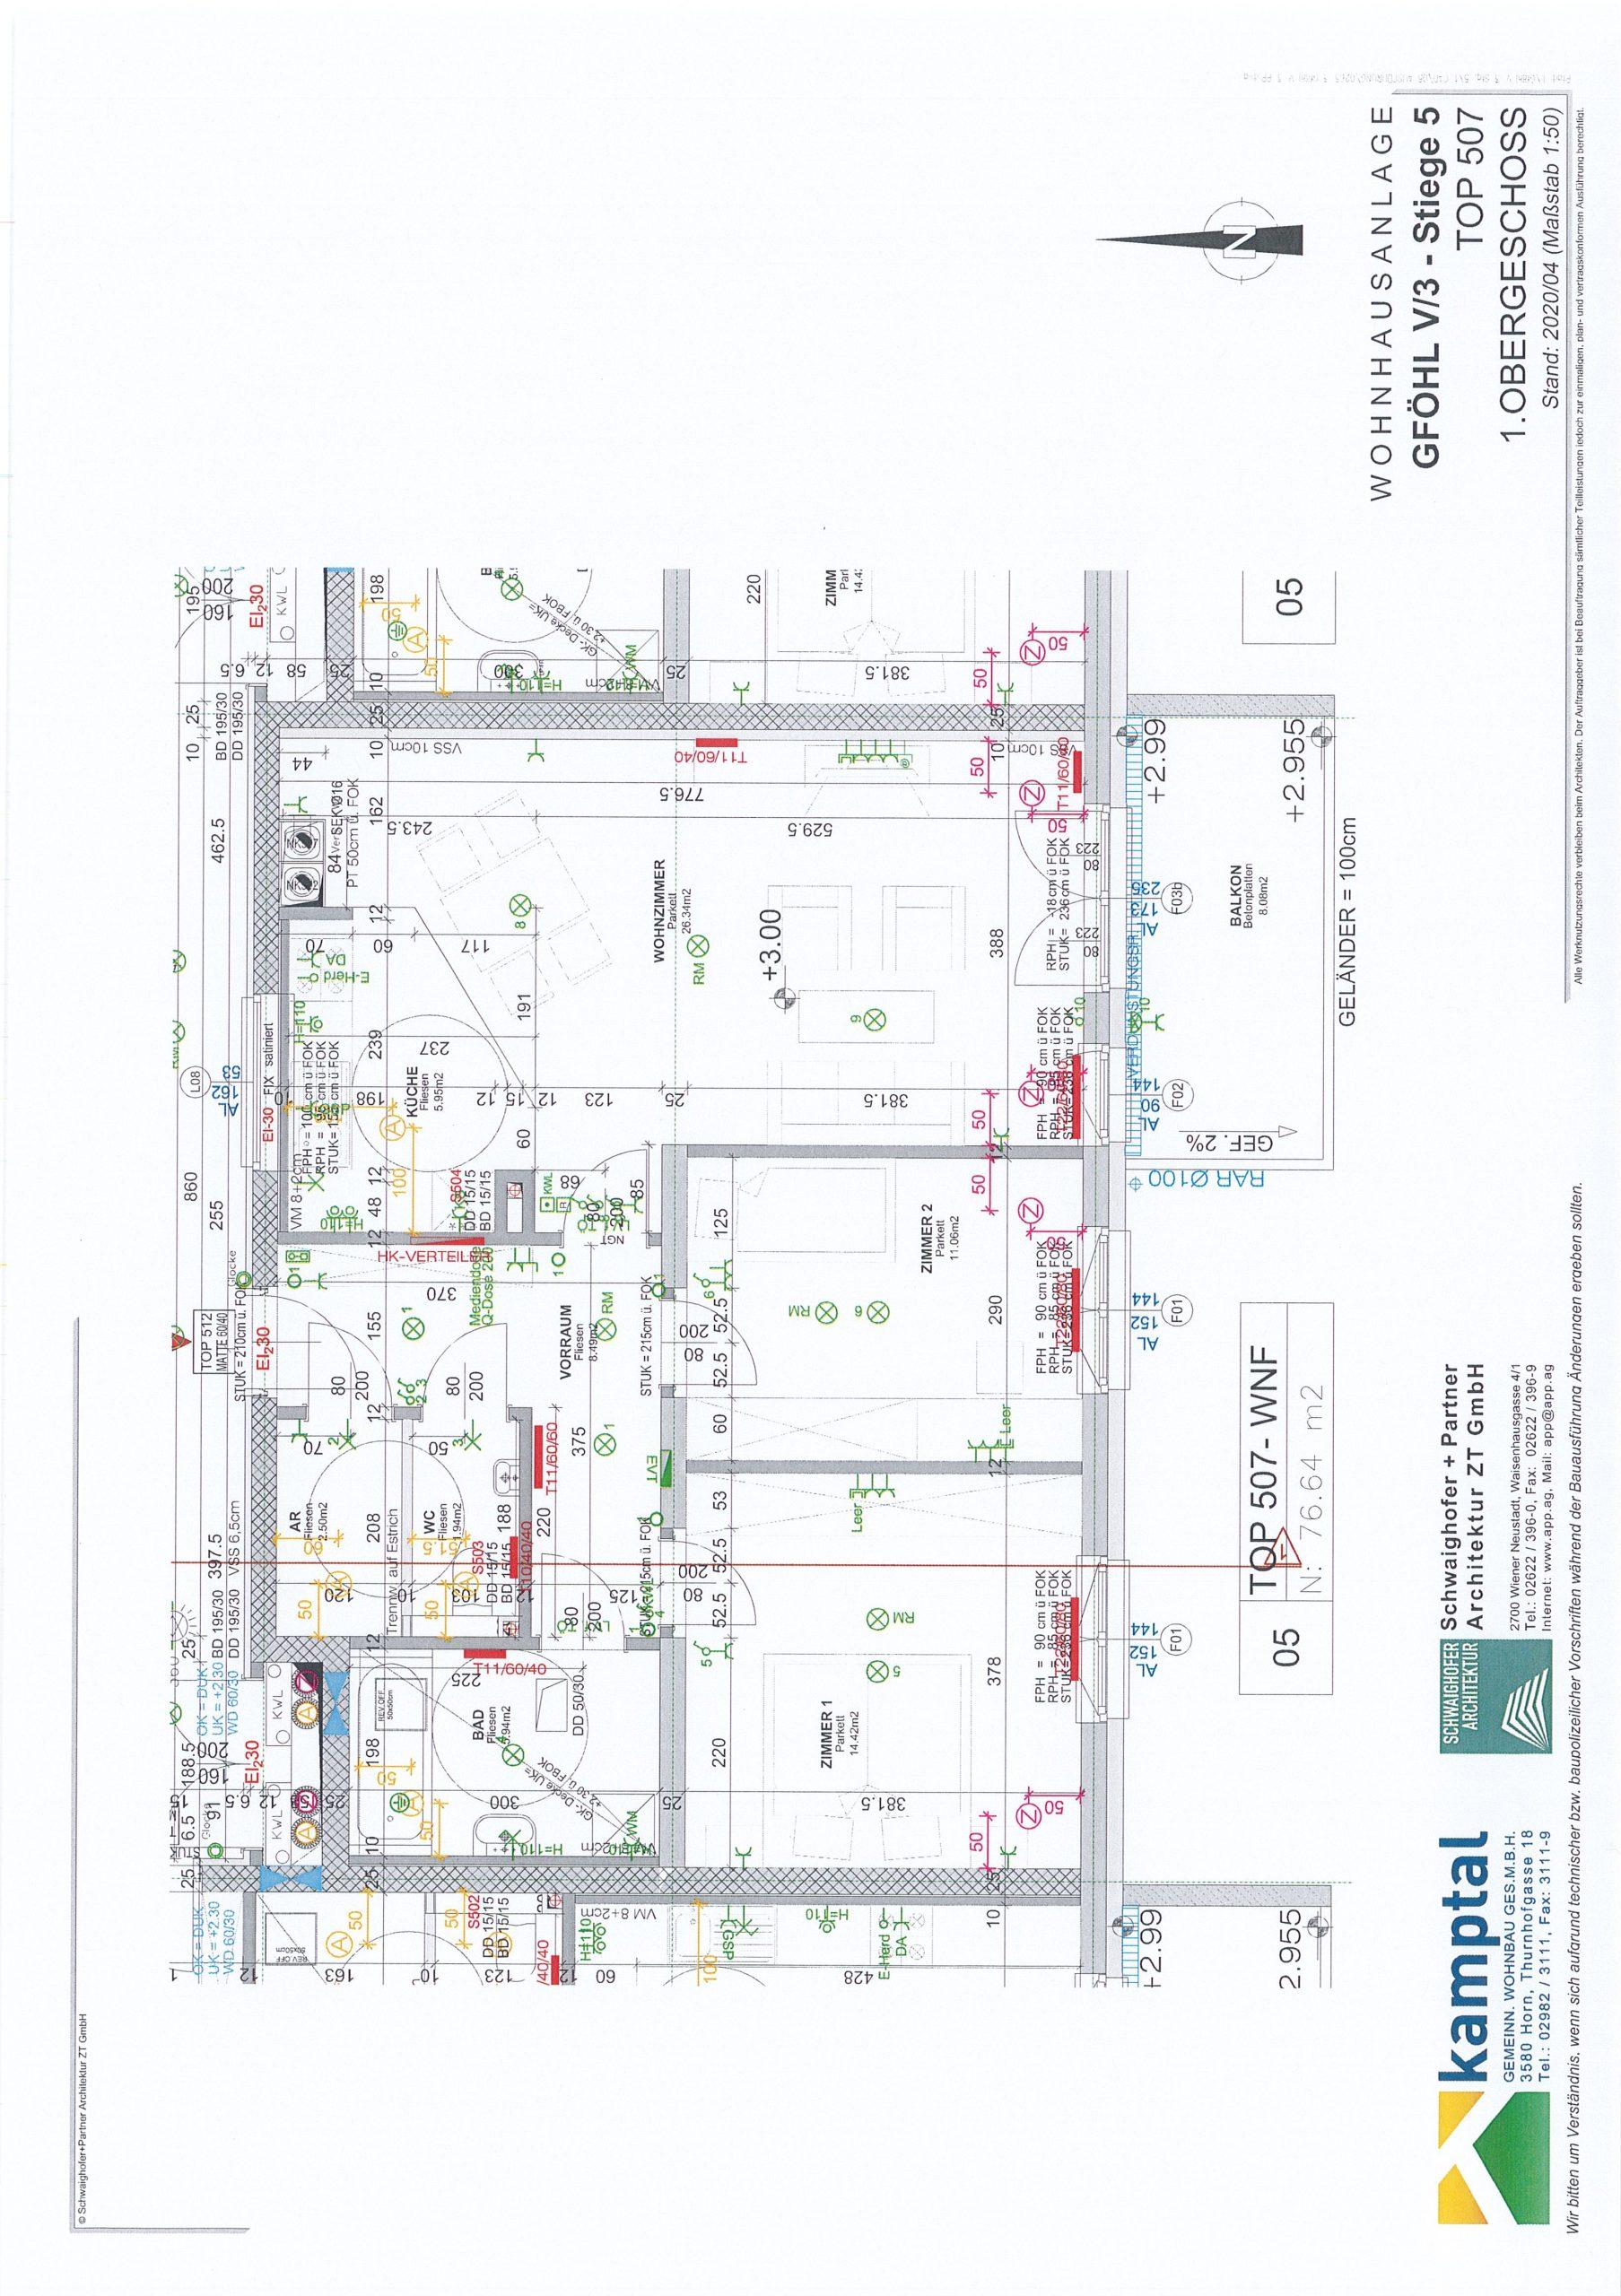 Immobilie von Kamptal in 3542 Gföhl, Krems(Land), Gföhl V/3 - Top 507 #0